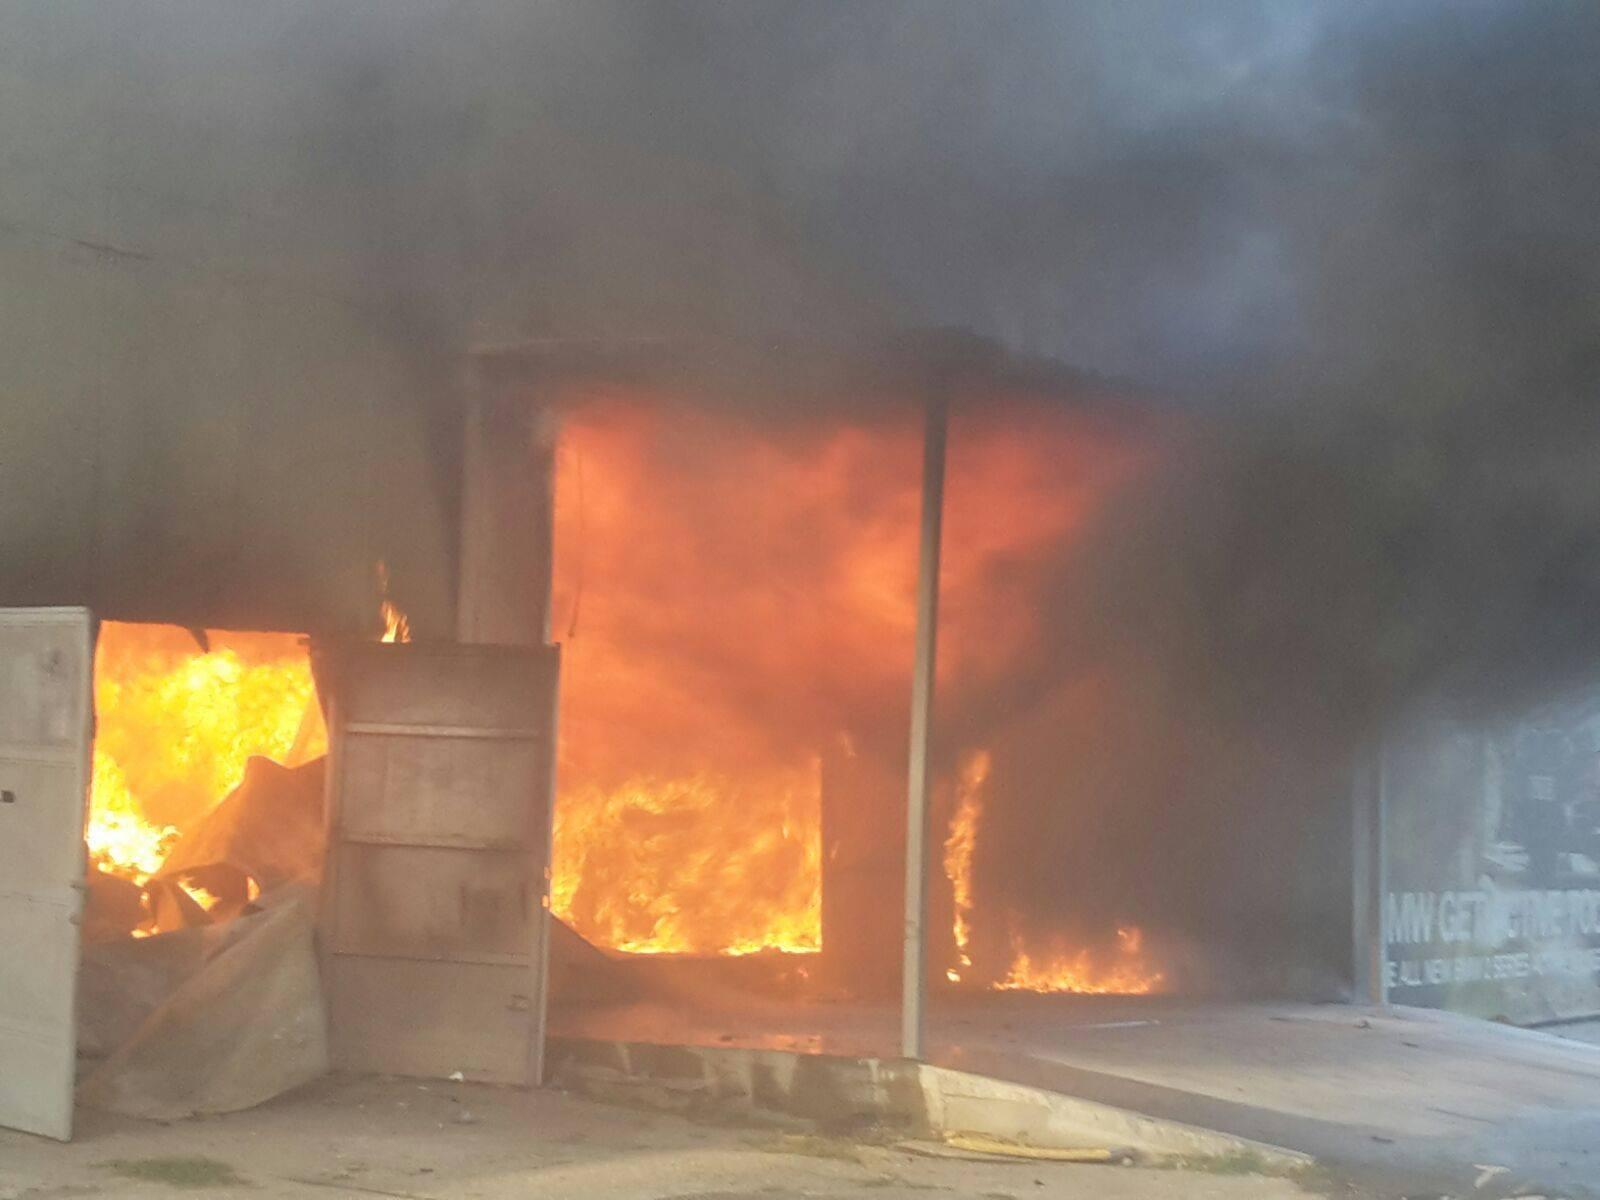 FOTO, VIDEO | Incendiu puternic în Galaţi la o hală de producţie a hârtiei şi maselor plastice/ Numărul pompierilor care sting incendiul a fost dublat, iar o stradă este închisă/ Focul s-a EXTINS la un restaurant cu saloane de nuntă